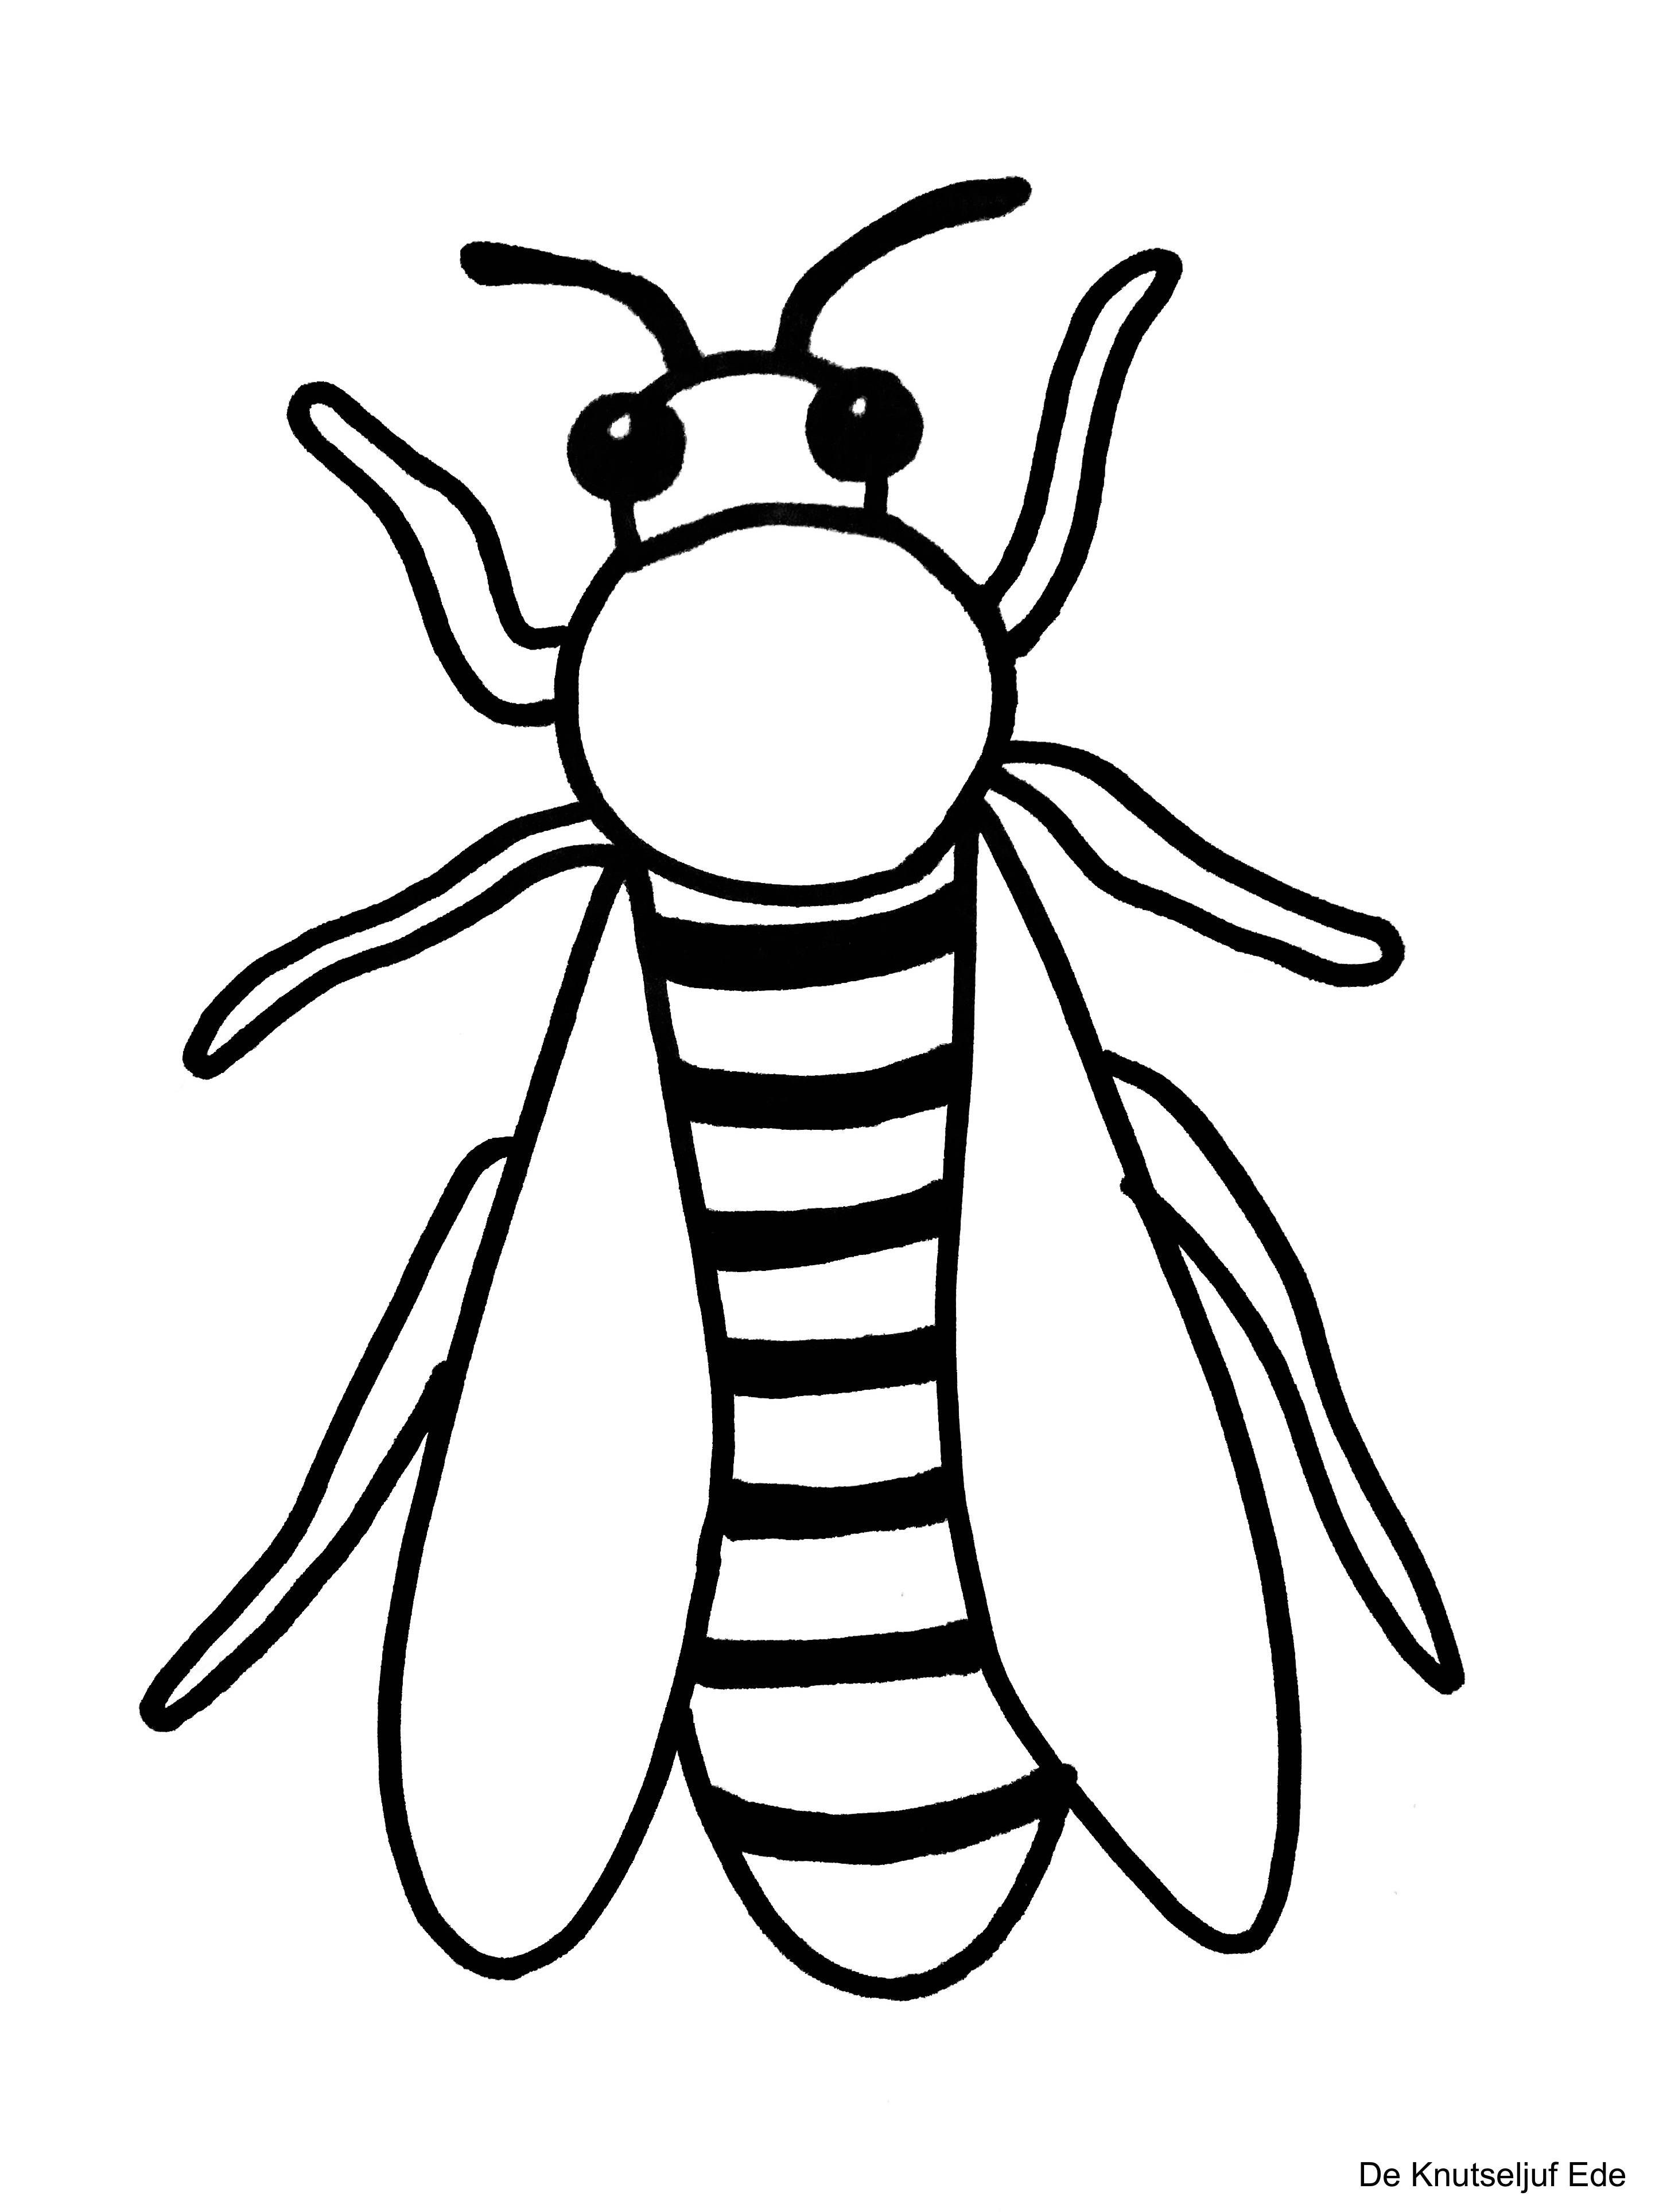 Kleurplaten Kriebelbeestjes Insekten Kleurplaat Kleurplaten Deknutseljuf Sprinkhaan De Knutseljuf Ede Insecten Kleurplaten Gratis Kleurplaten